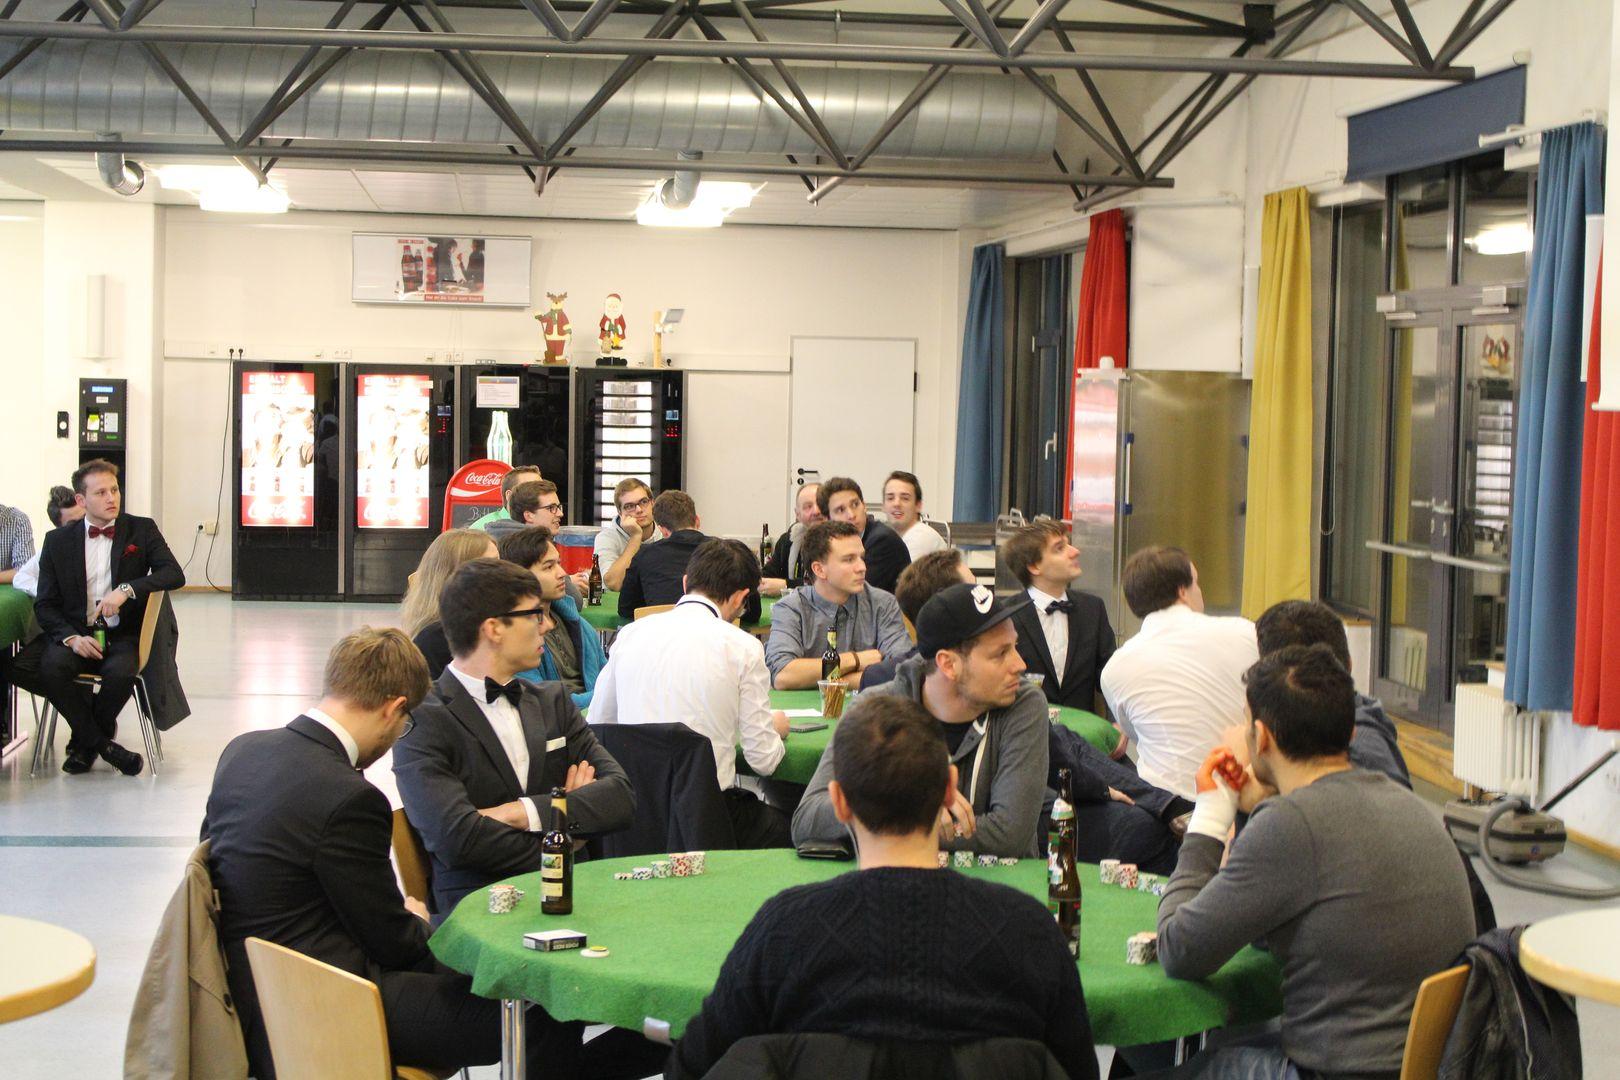 Pokerturnier Erstellen